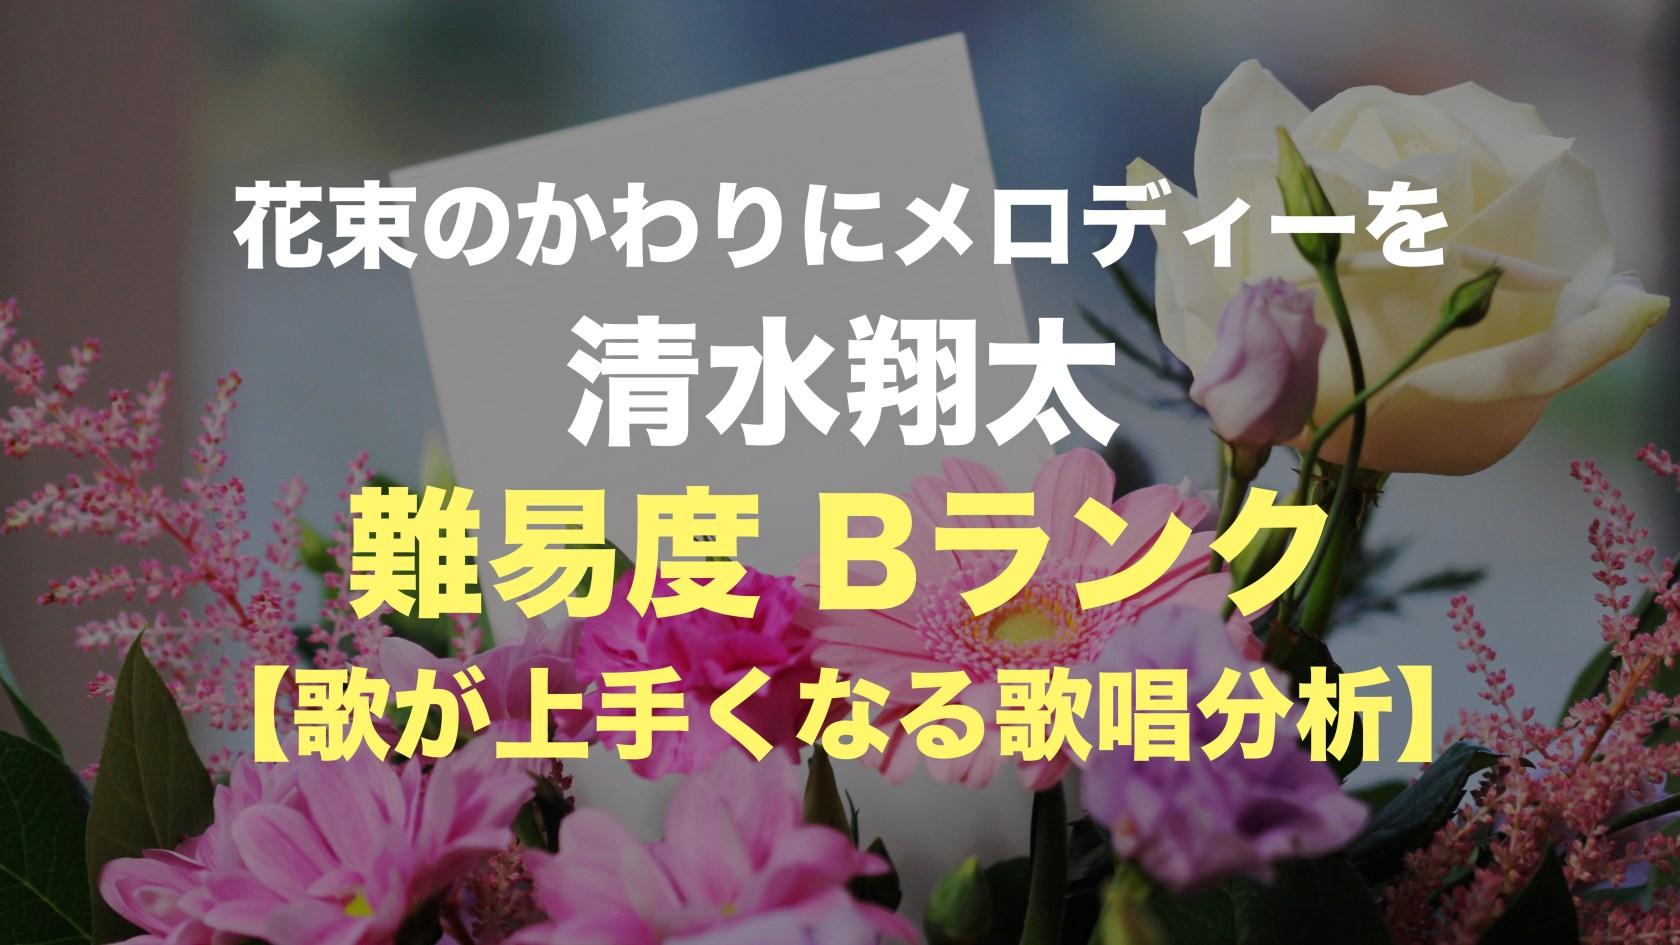 【歌い方】花束のかわりにメロディーを / 清水翔太 (難易度B)【歌が上手くなる歌唱分析シリーズ】